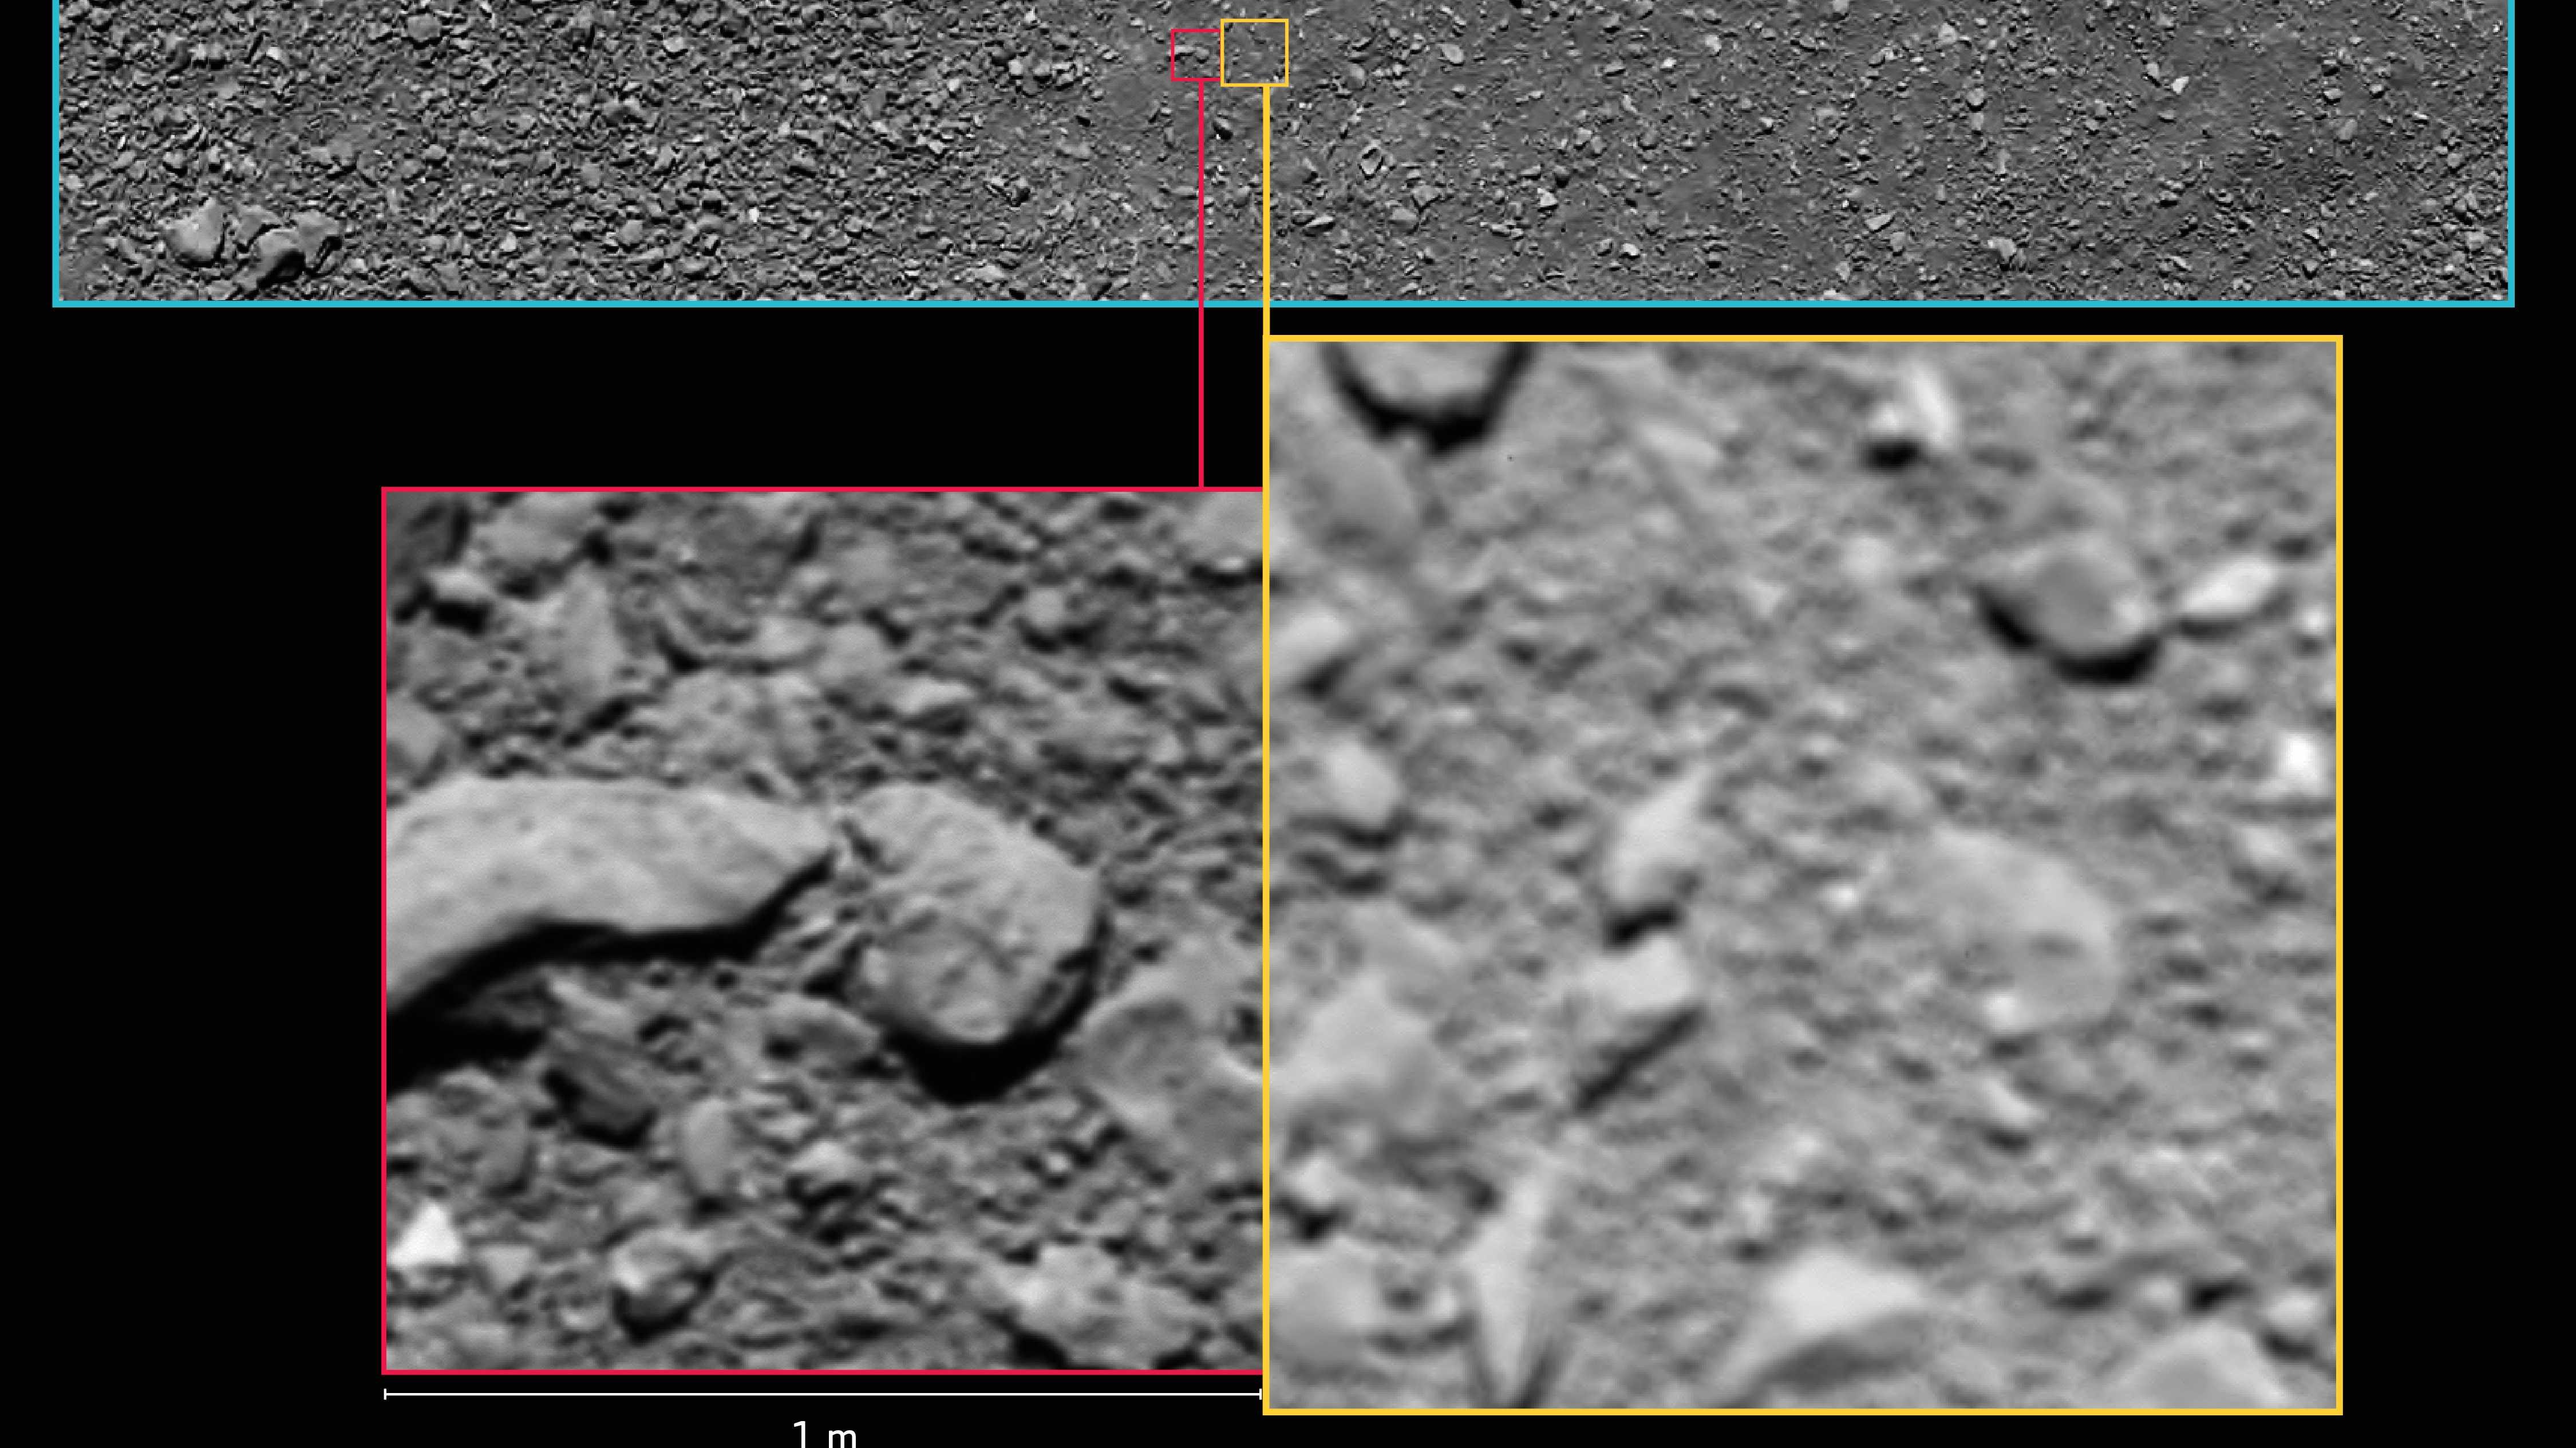 ESA-Sonde Rosetta: Überraschend allerletztes Foto vor Landung gefunden